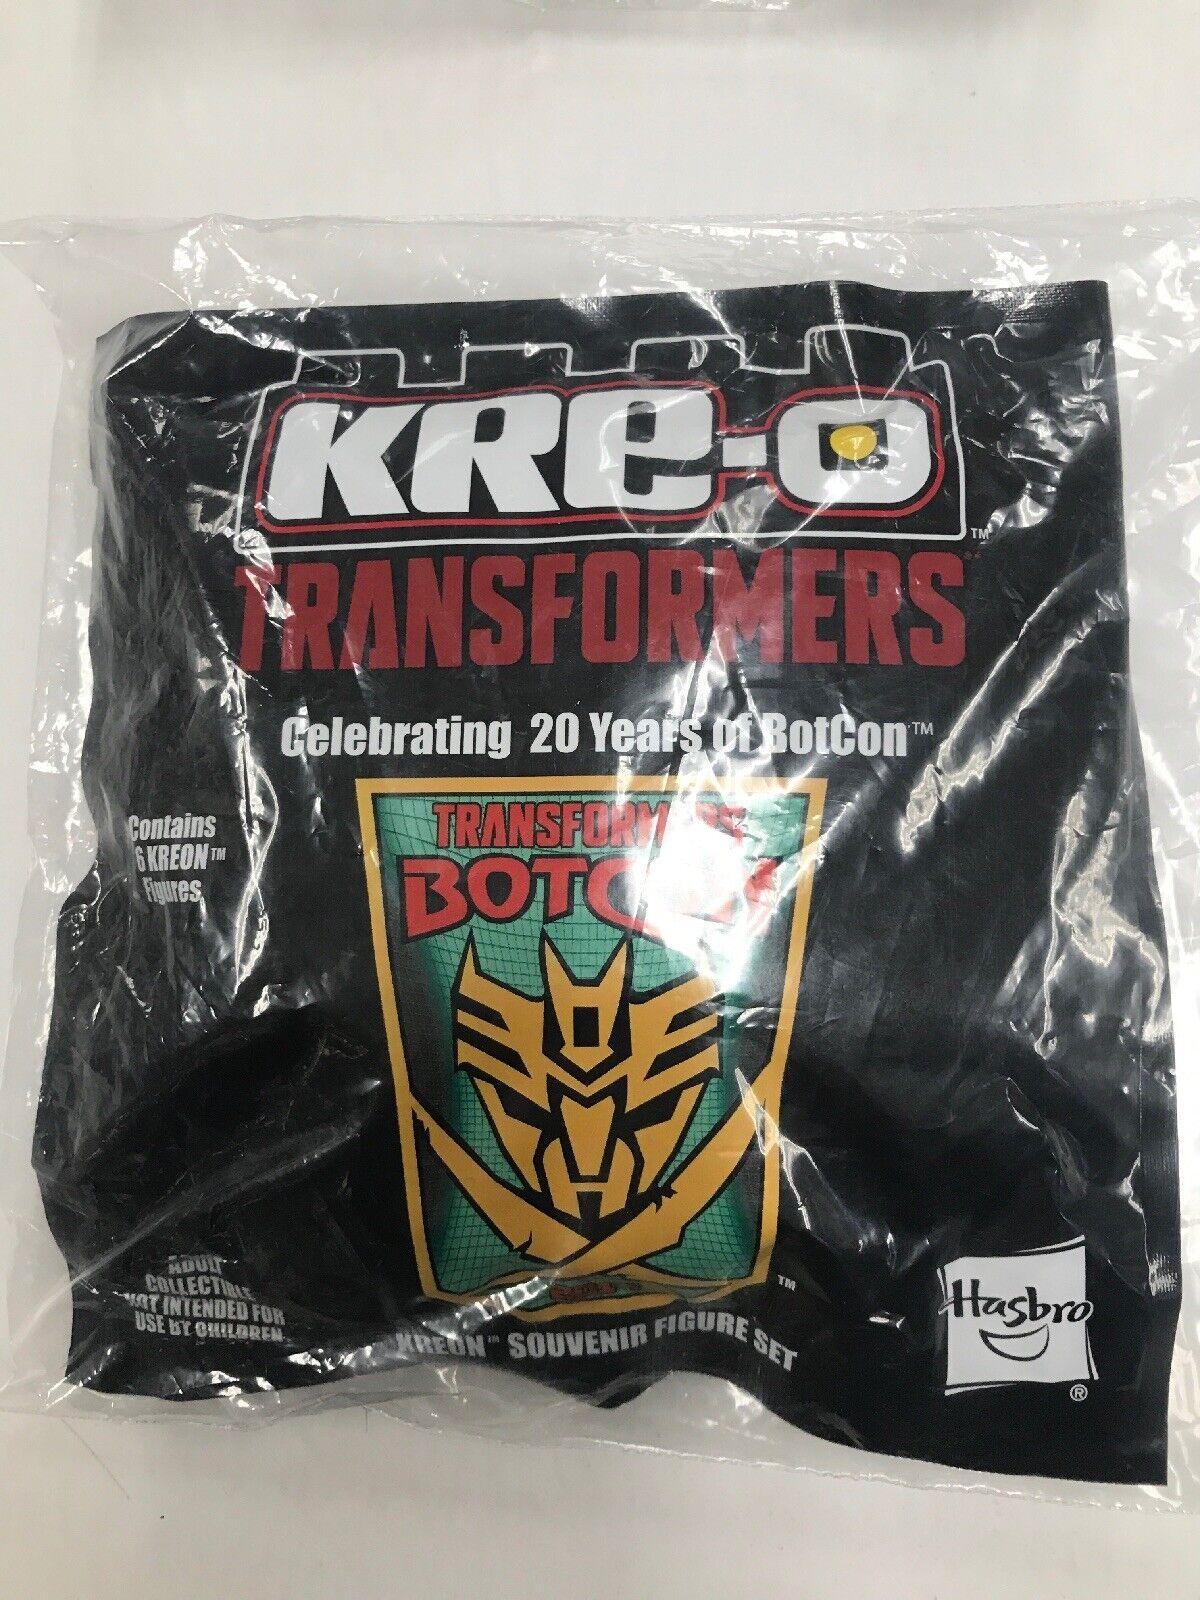 Transformadores BOTCON 2014 Kreo Kre-o Kreon conjuntos de menta en caja sellada-Paquete de 6